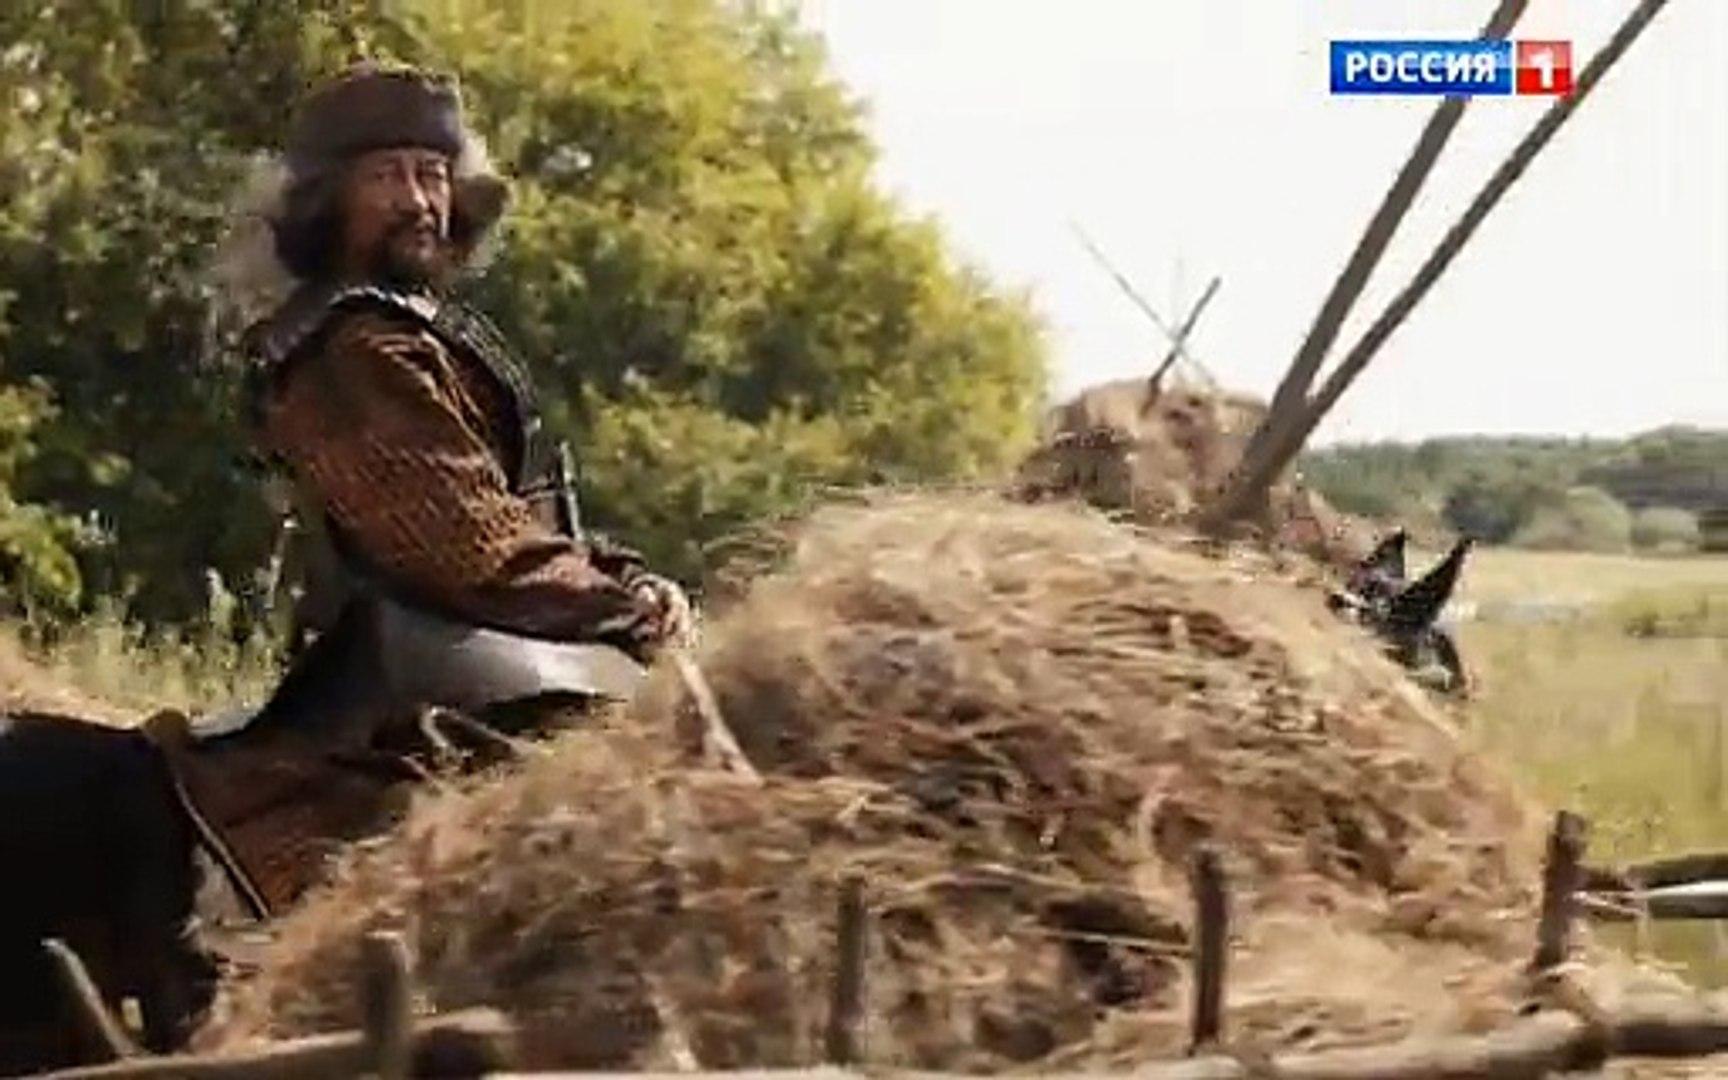 София 4 Серия _Российское кино новинки_ 2016